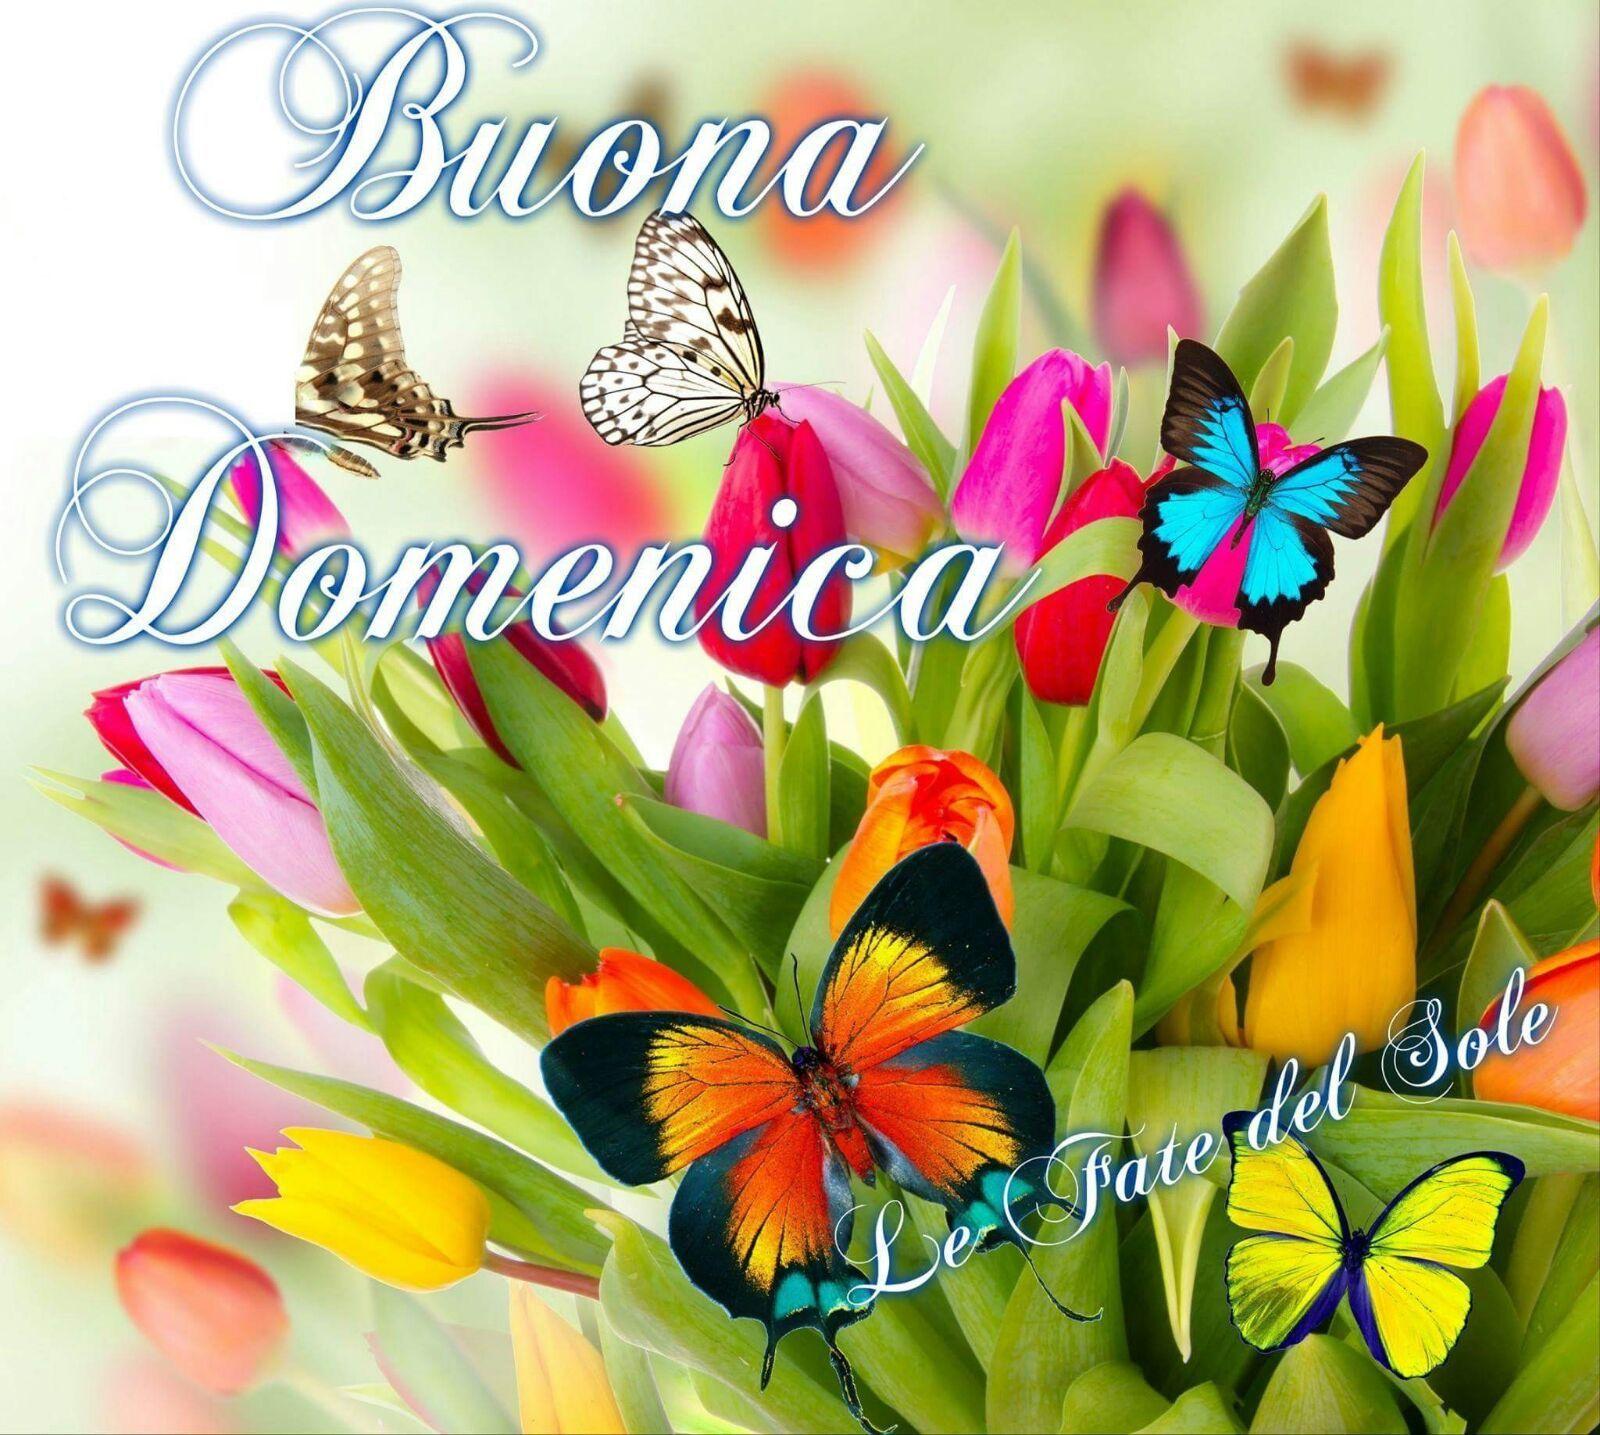 Buongiorno Buon Giorno Italia Buongiorno Buona Domenica